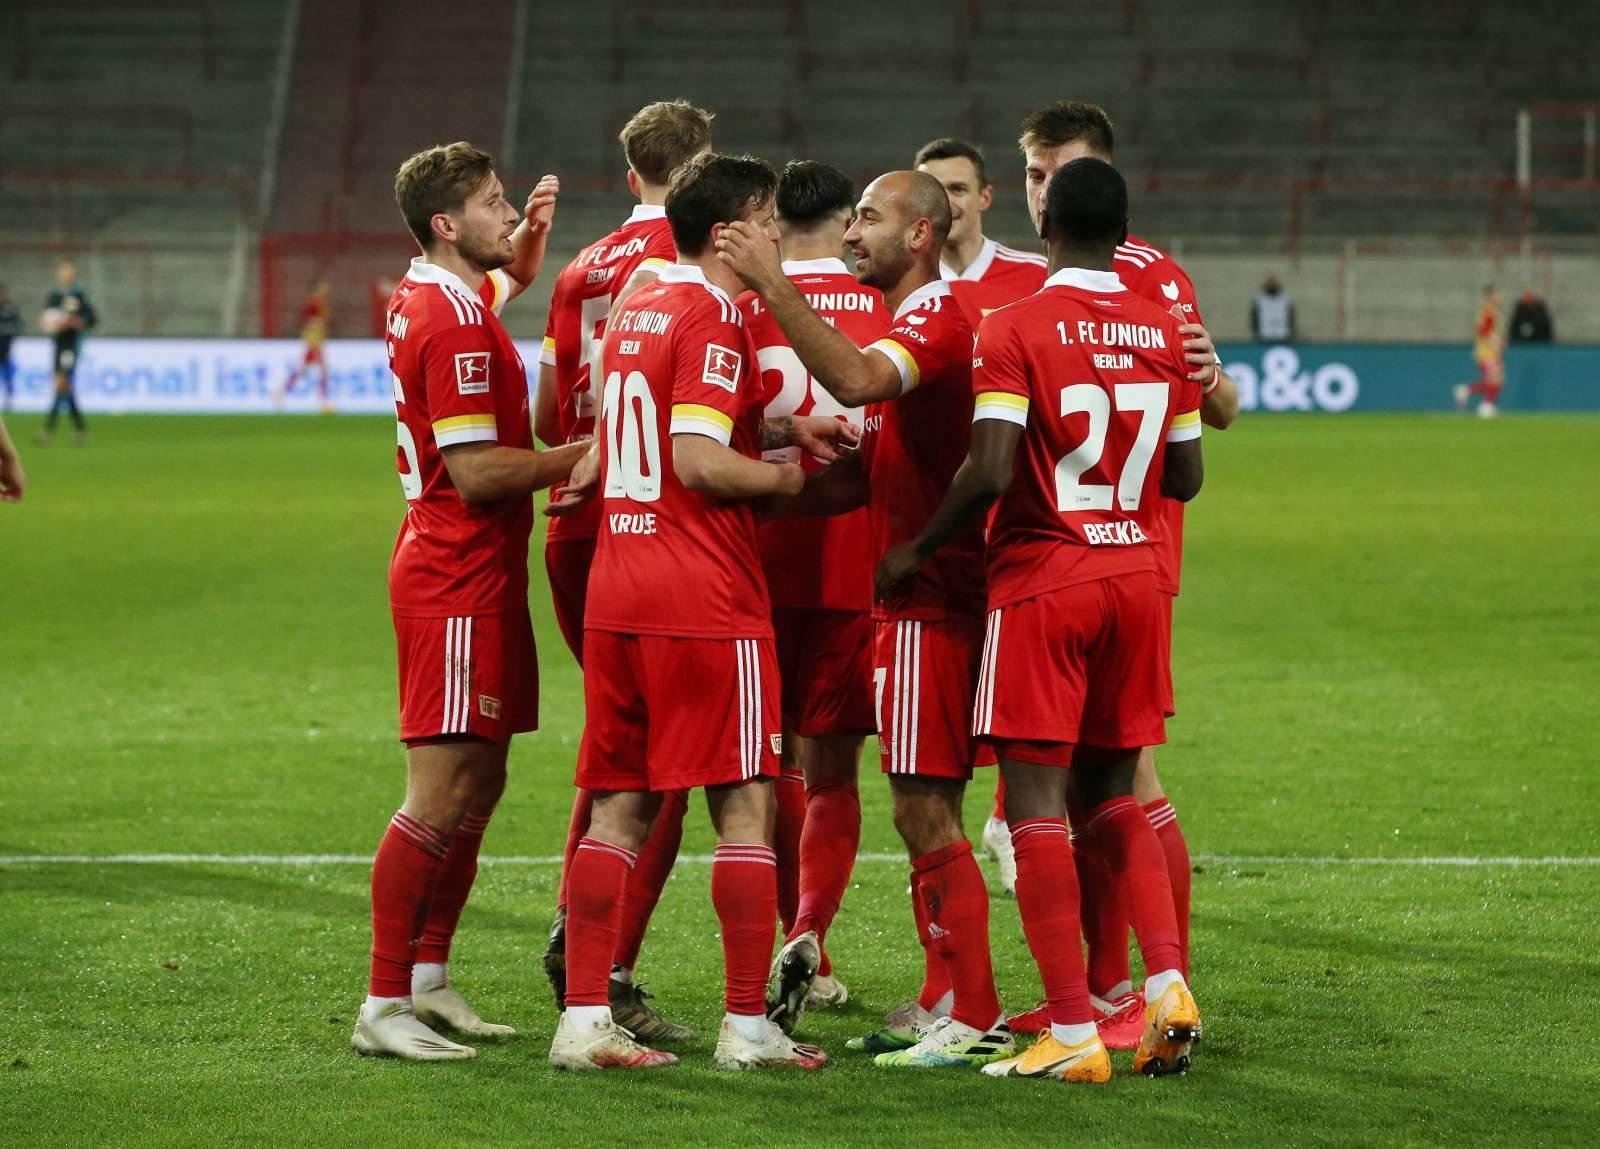 «Унион» перед финальным свистком забил единственный гол в ворота «Байера»